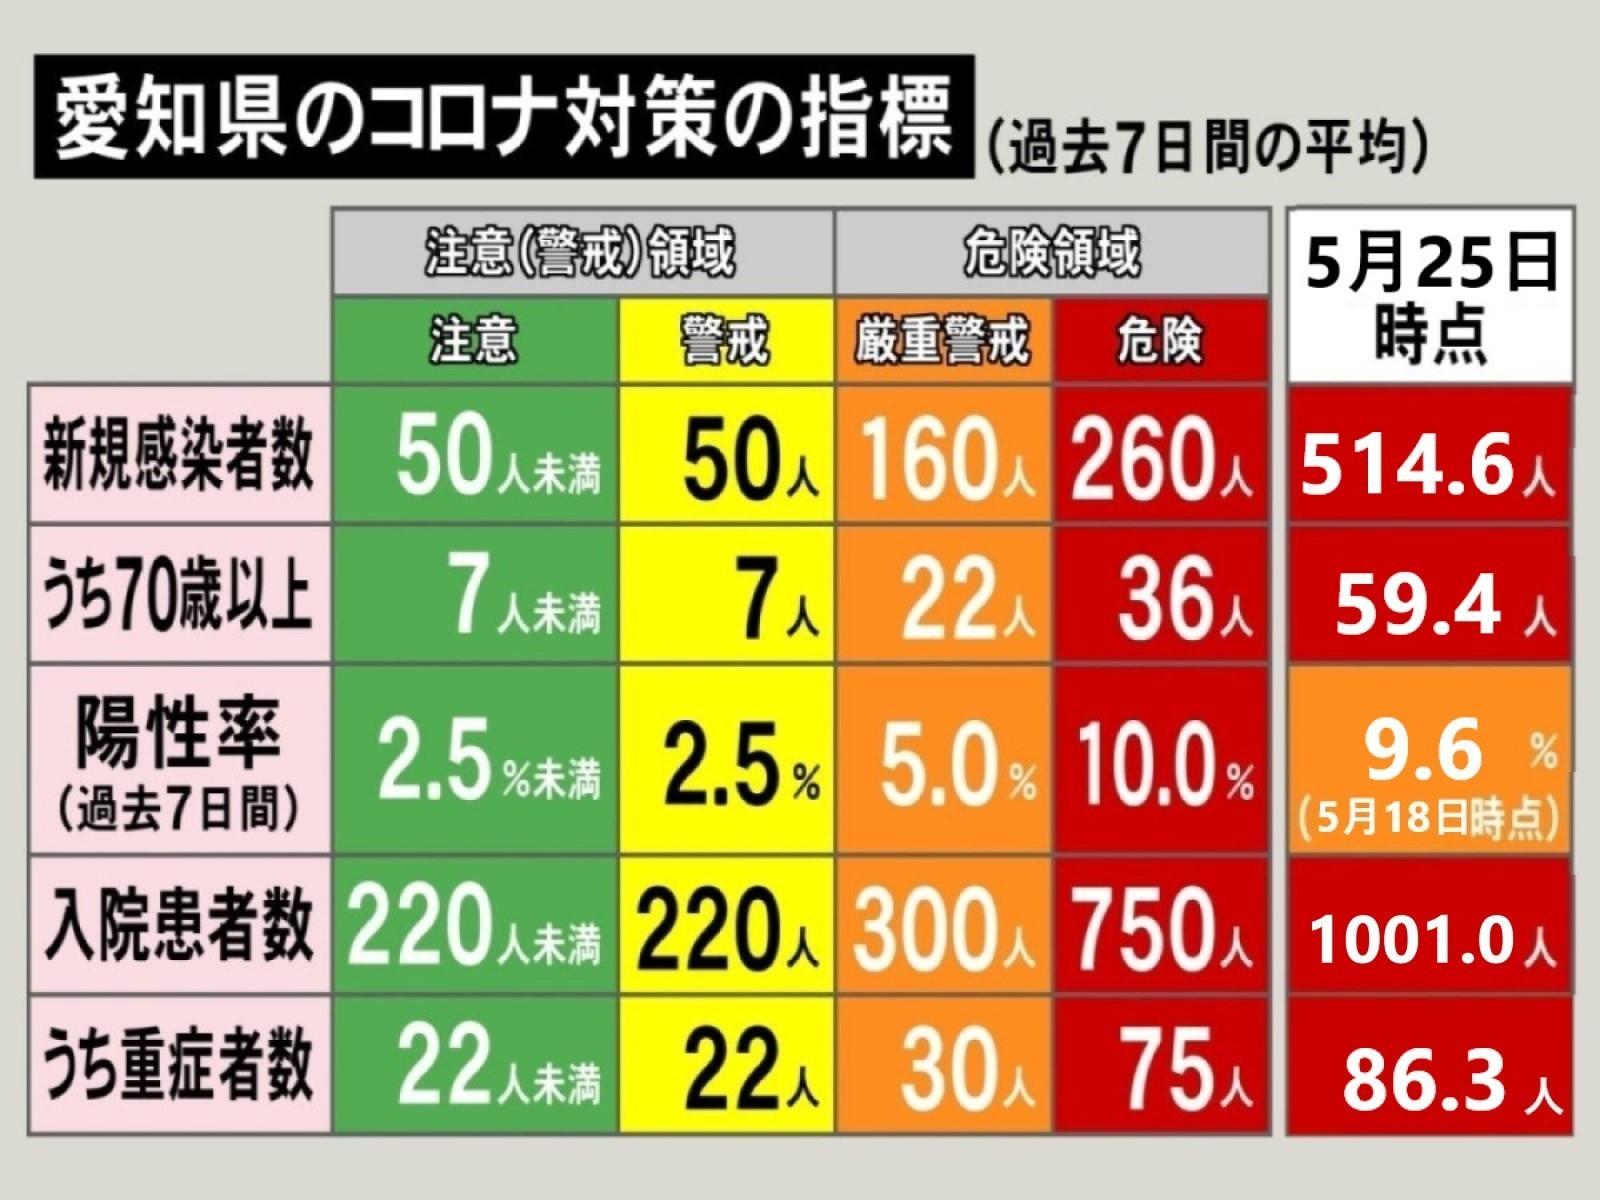 テレビ 愛知 表 県 番組 オカルト番組表